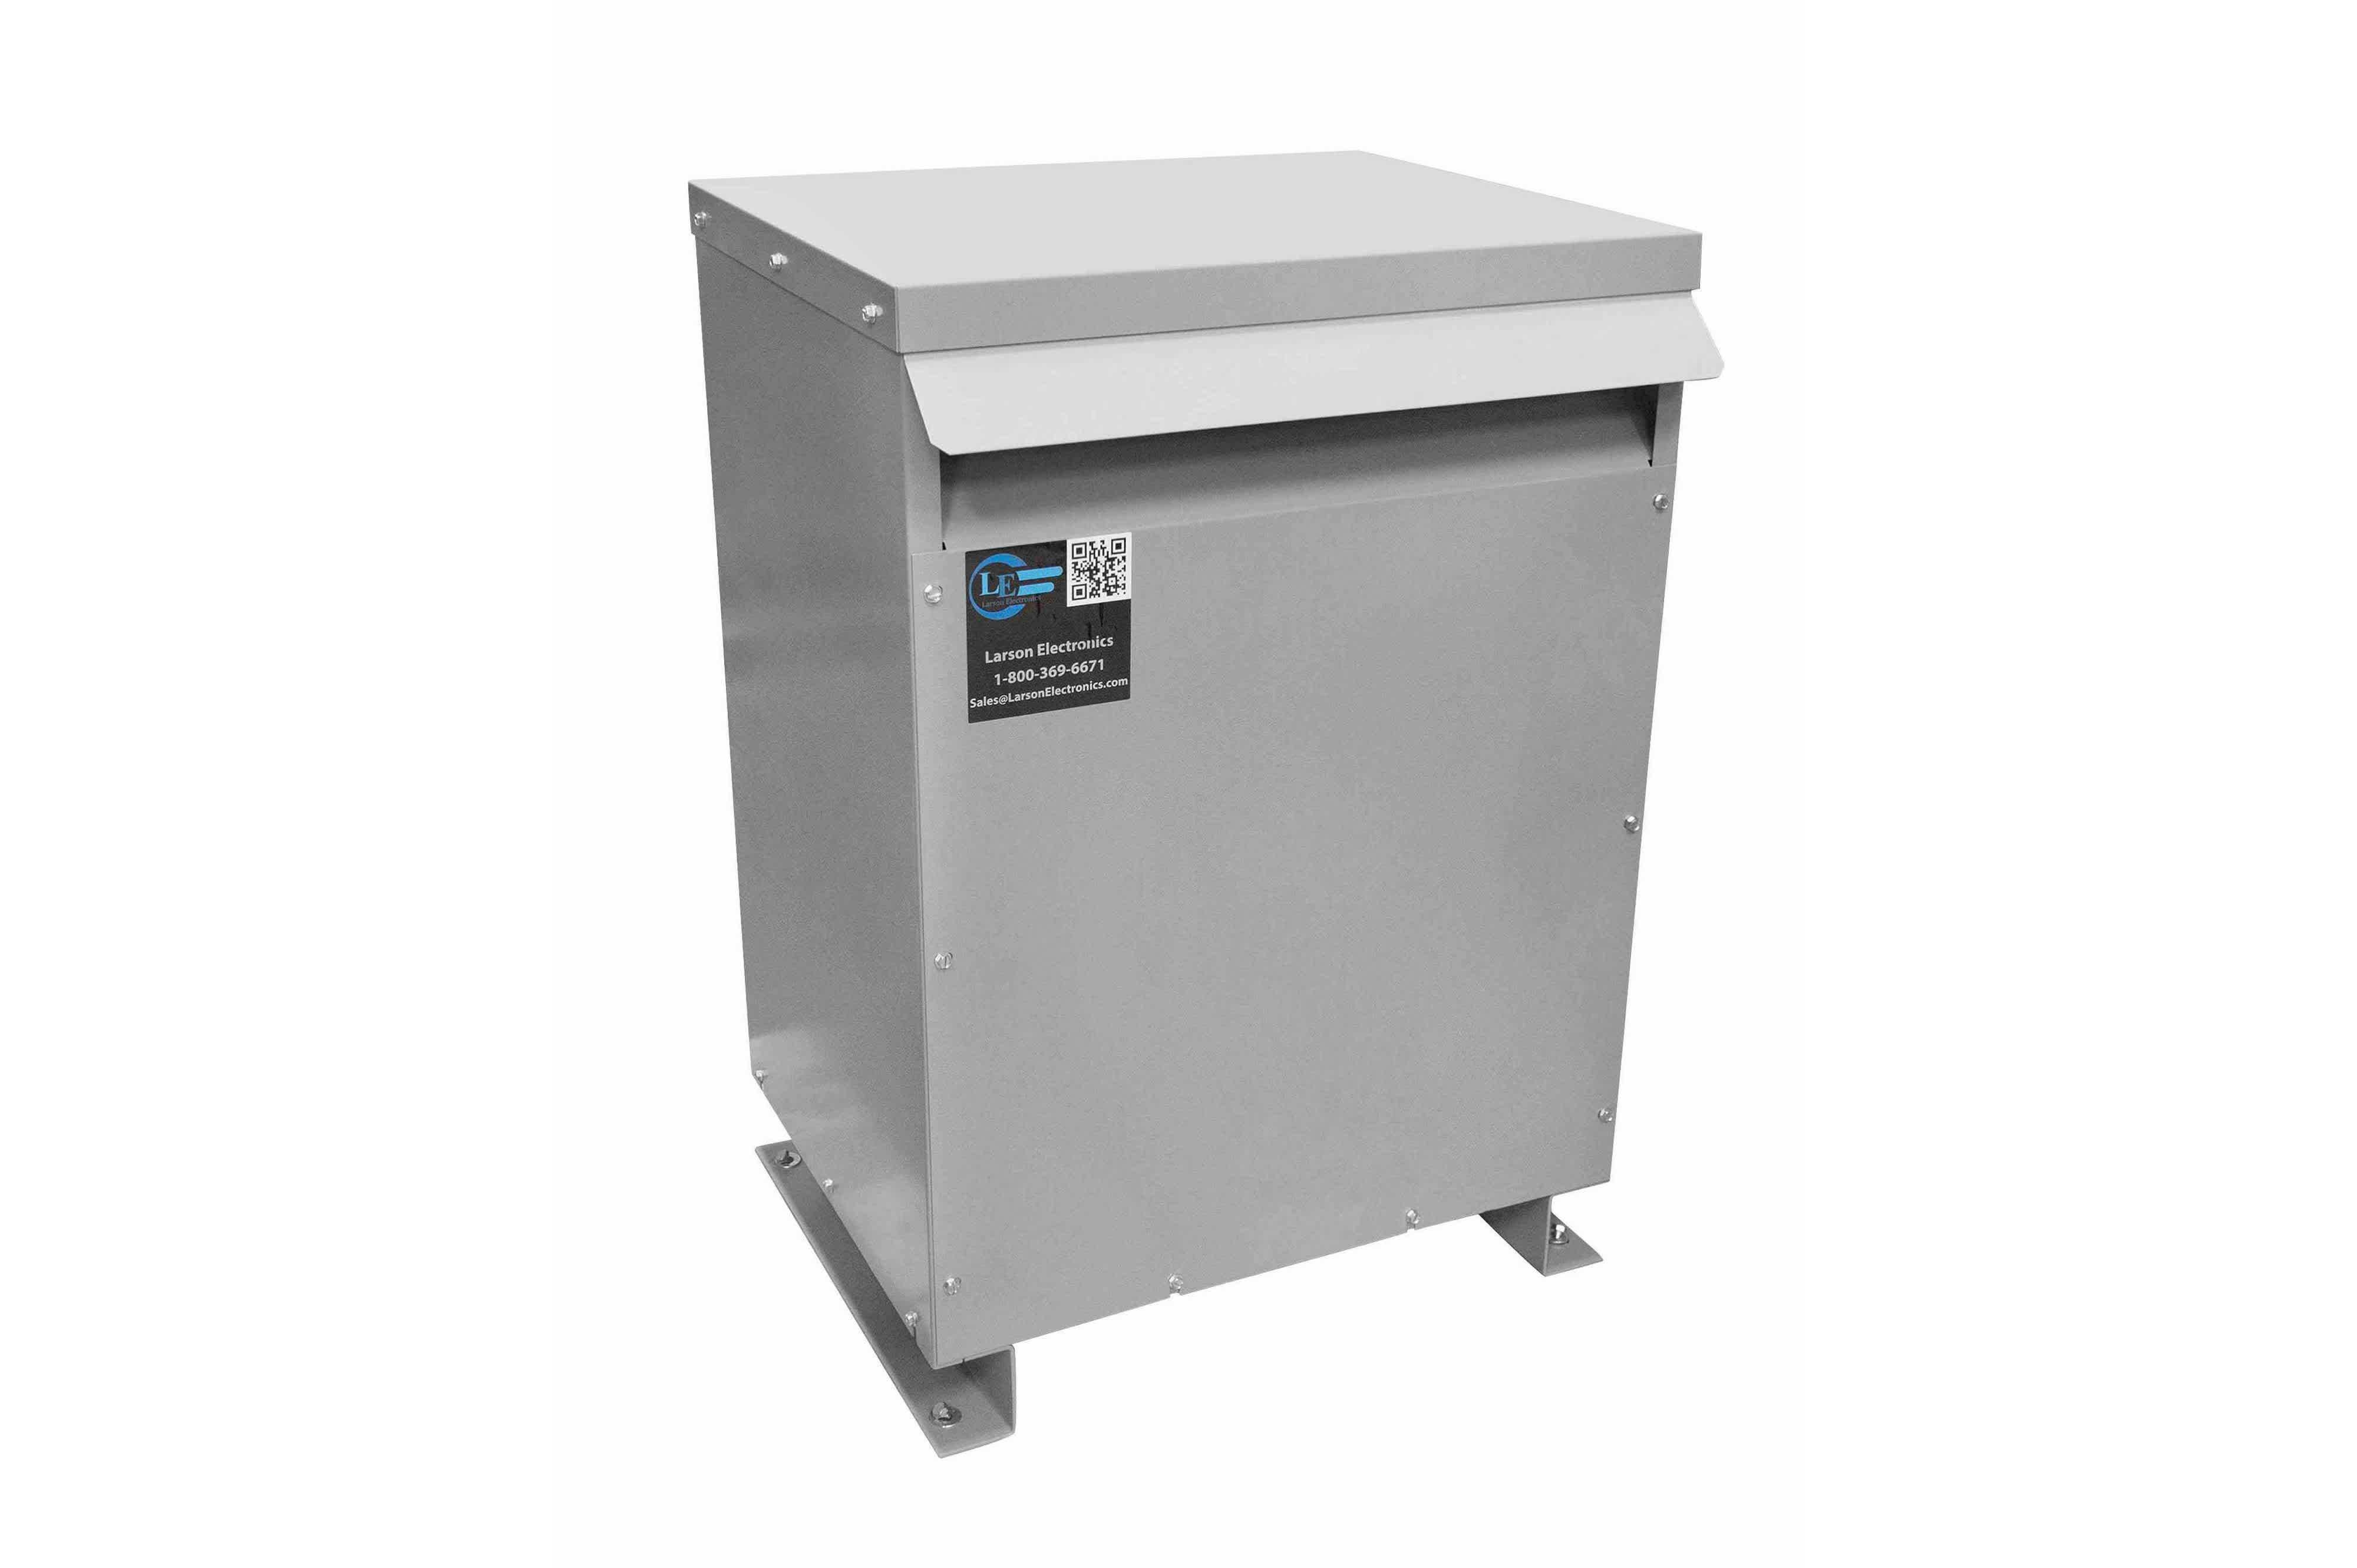 11 kVA 3PH Isolation Transformer, 220V Delta Primary, 208V Delta Secondary, N3R, Ventilated, 60 Hz